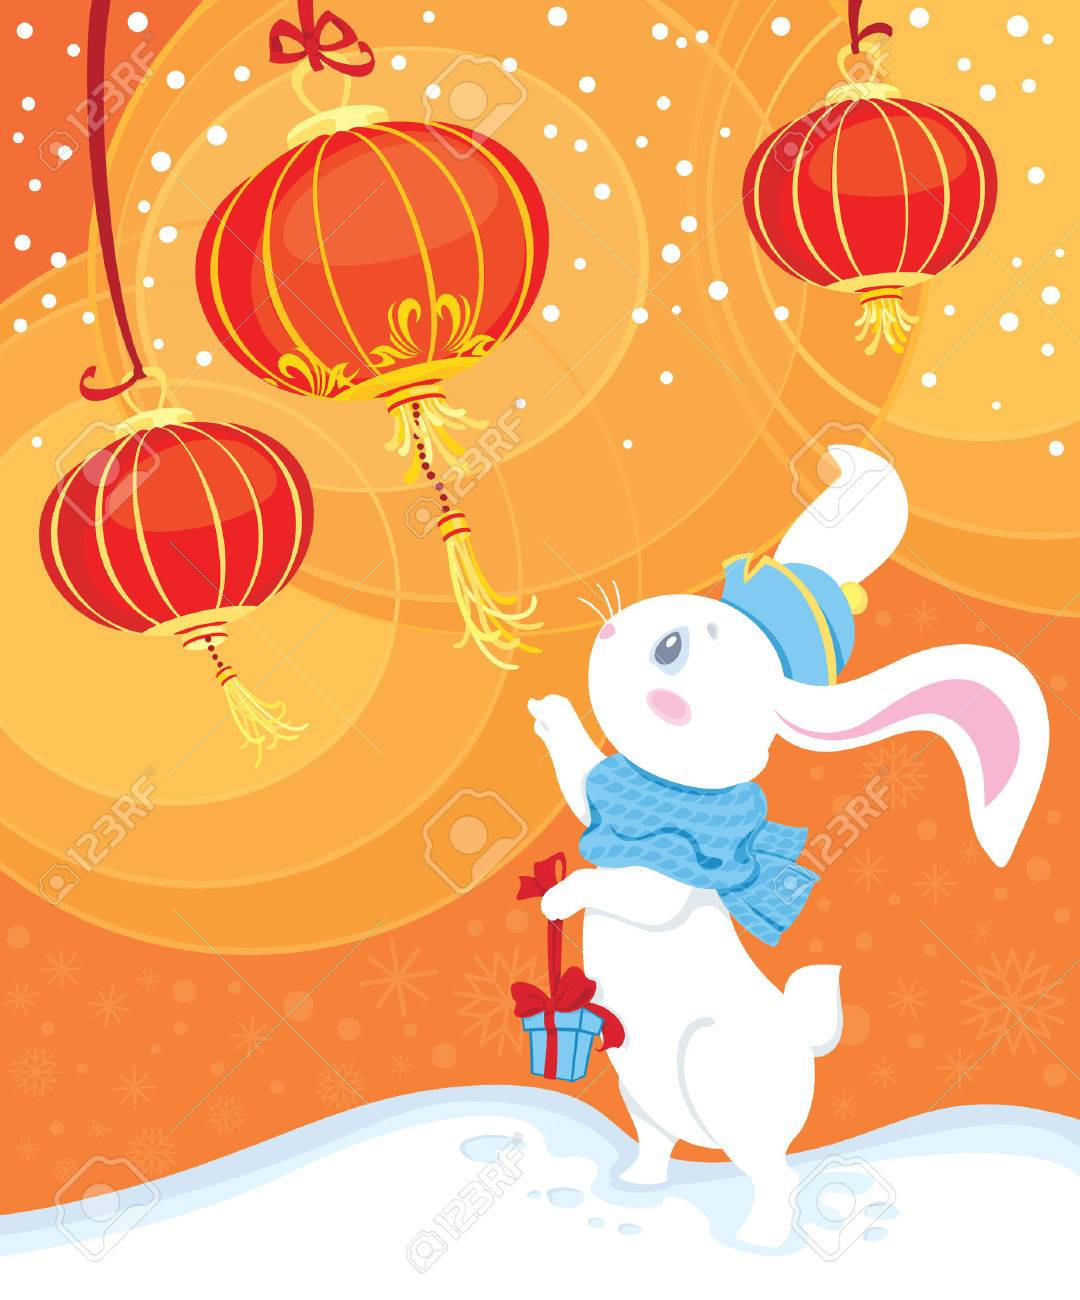 white rabbit and Chinese lanterns - 8360480